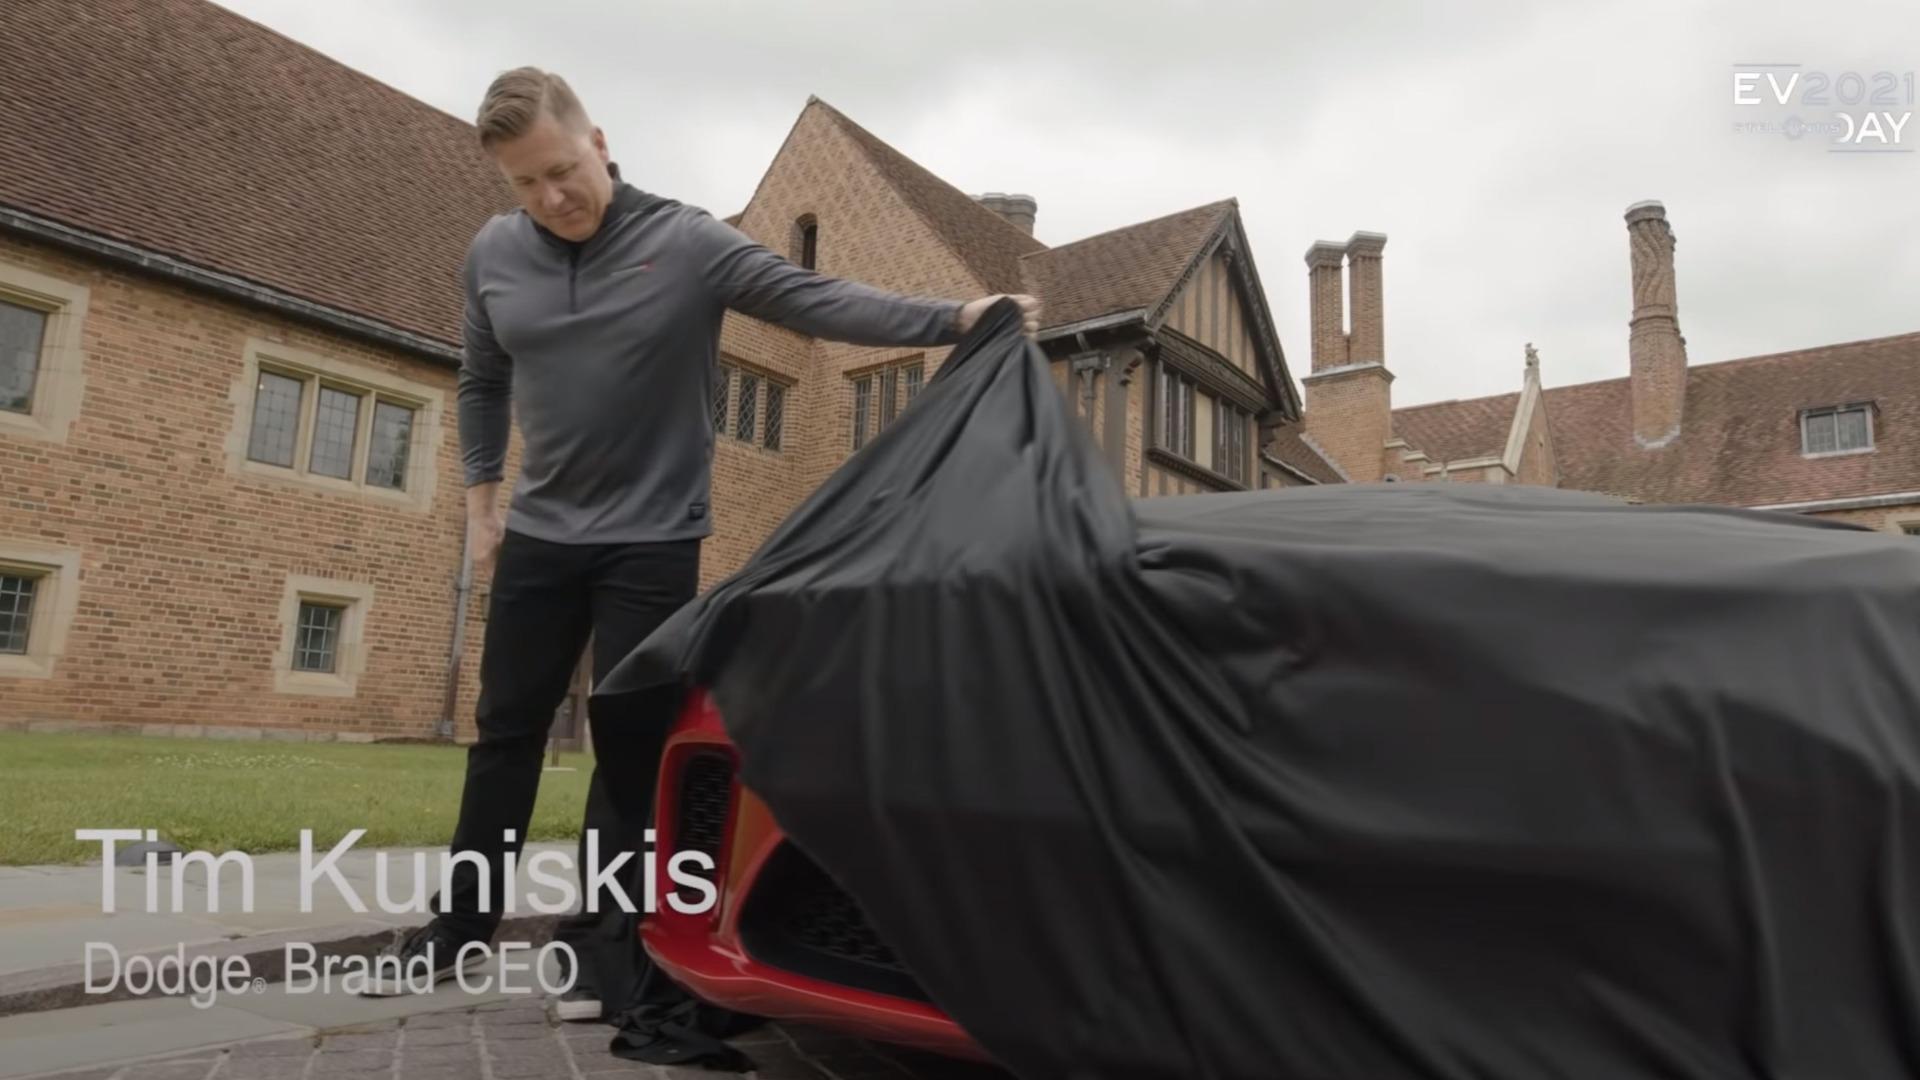 Tim Kuniskis løfter såvidt sløret på det som kan være Dodges nye «eMuscle» bil.